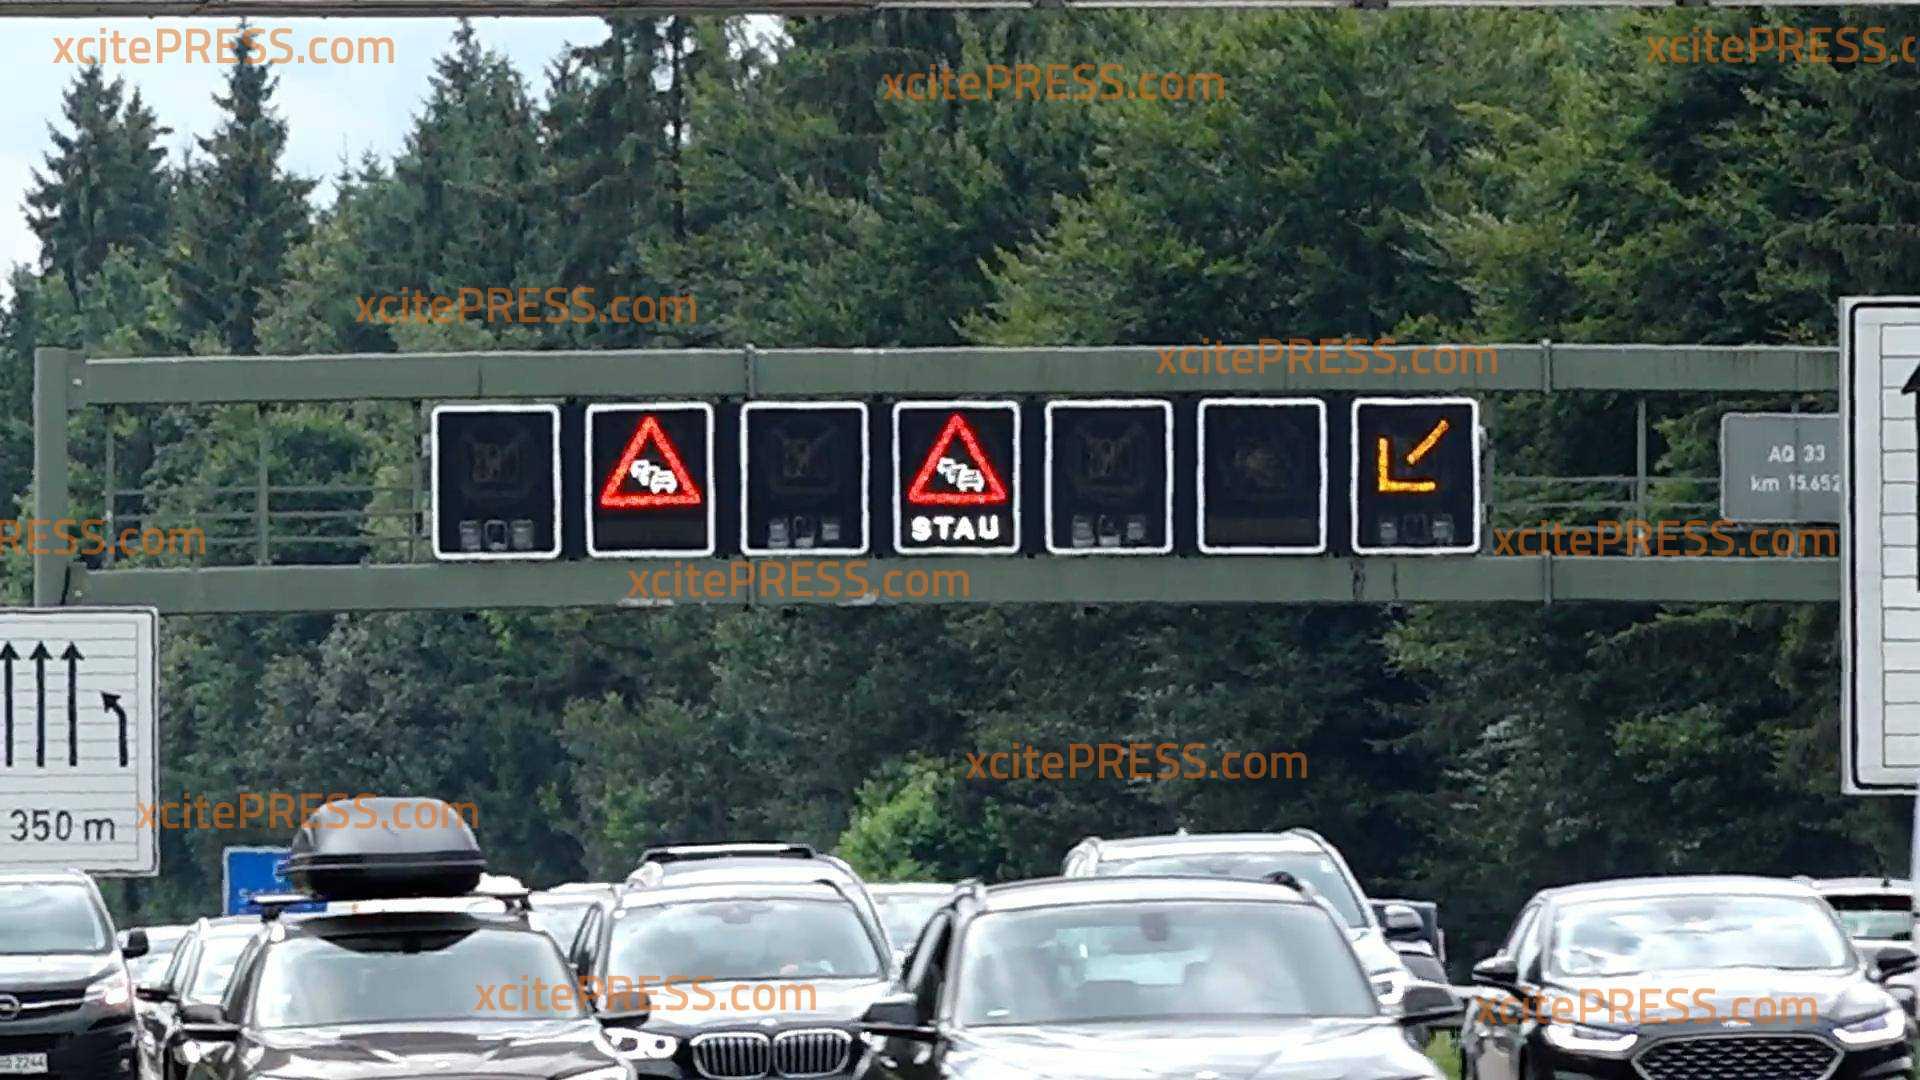 Mega-Stau auf der A8: Sommerferien führen zu Verkehrschaos: Vierspurige Autobahn 8 in Richtung Süden komplett überlastet